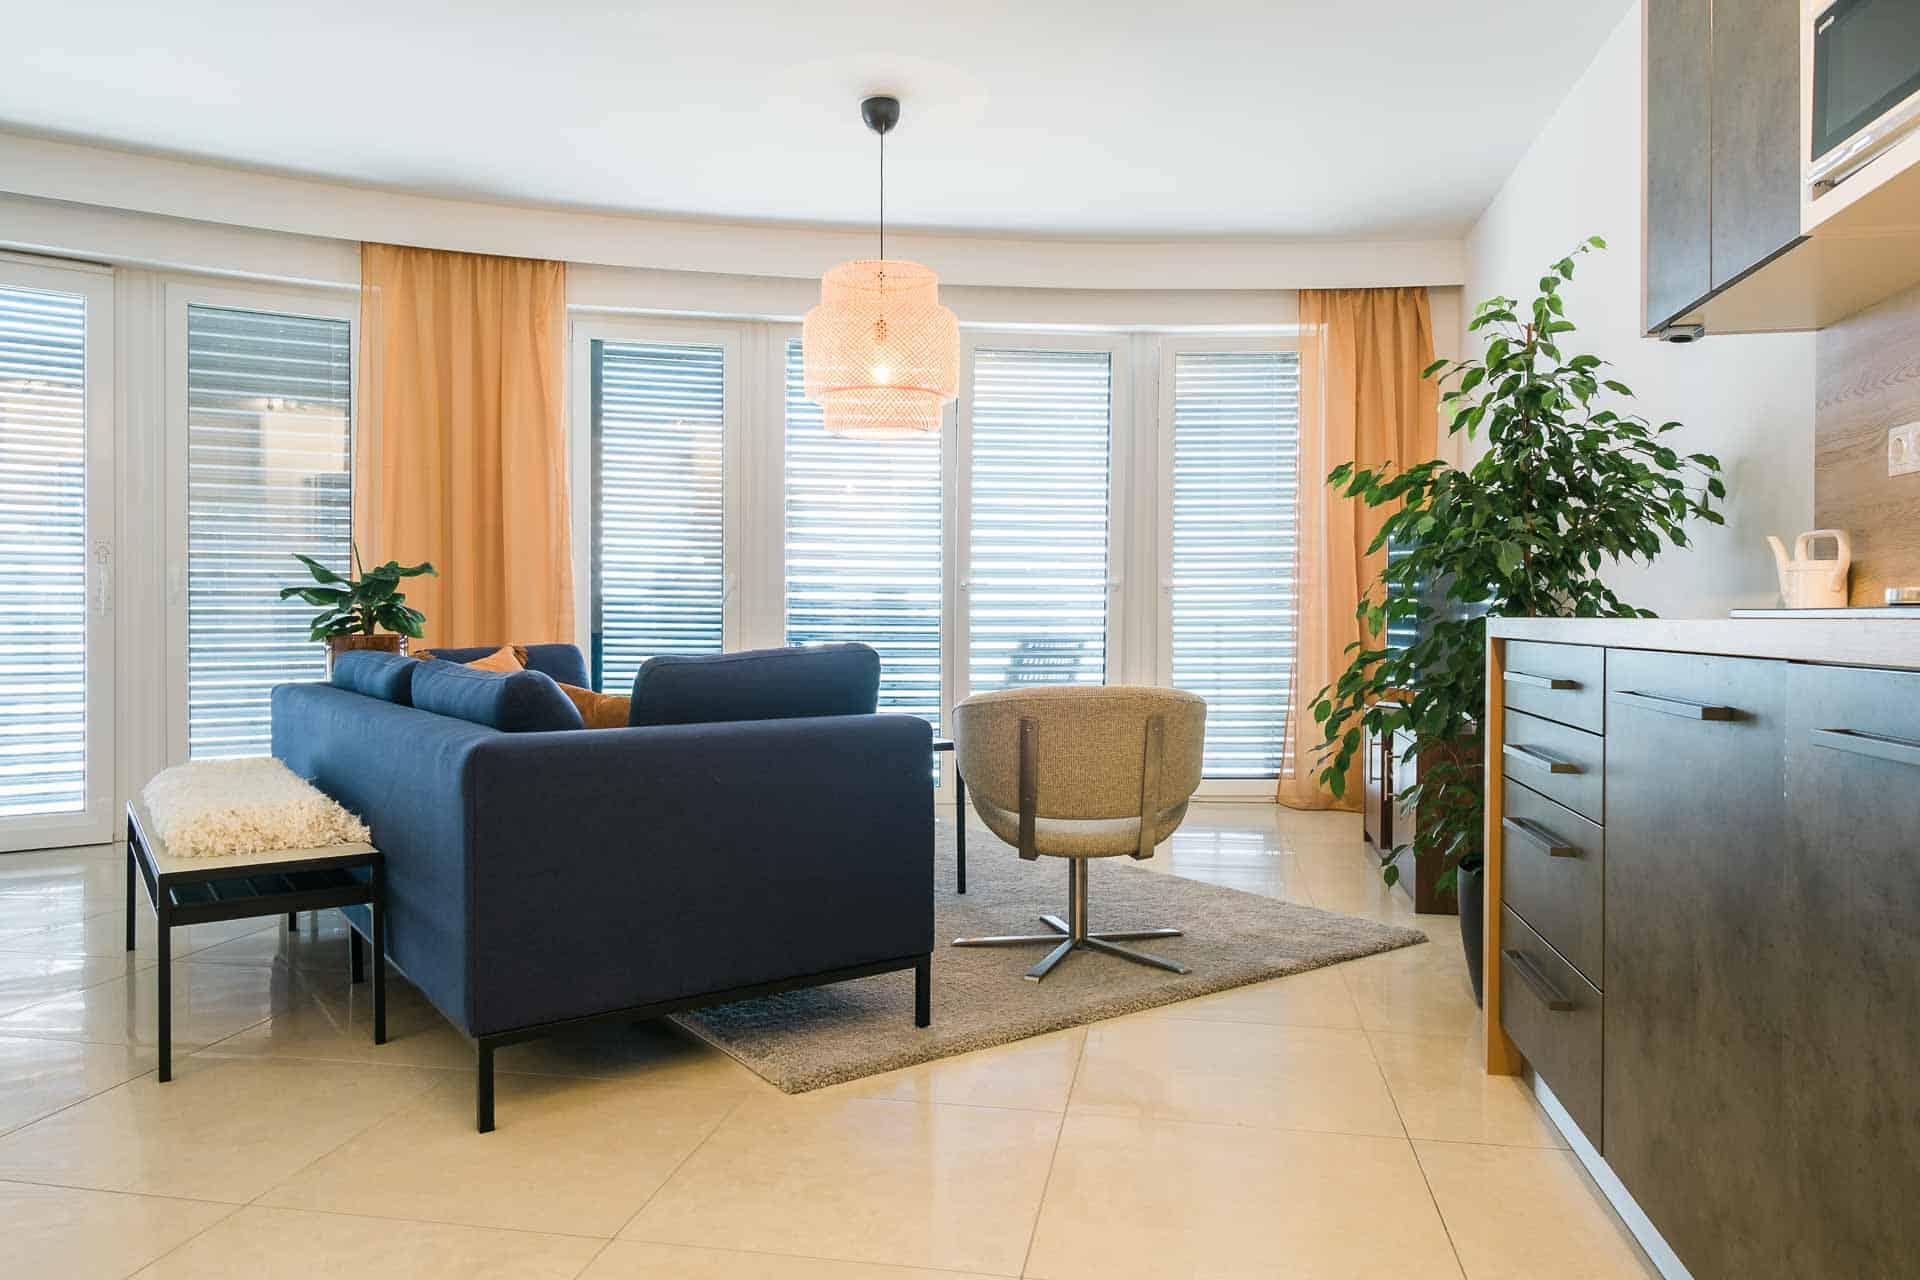 Vízparti balatoni panorámás Apartmanok Keszthely - nappali a konyhával.